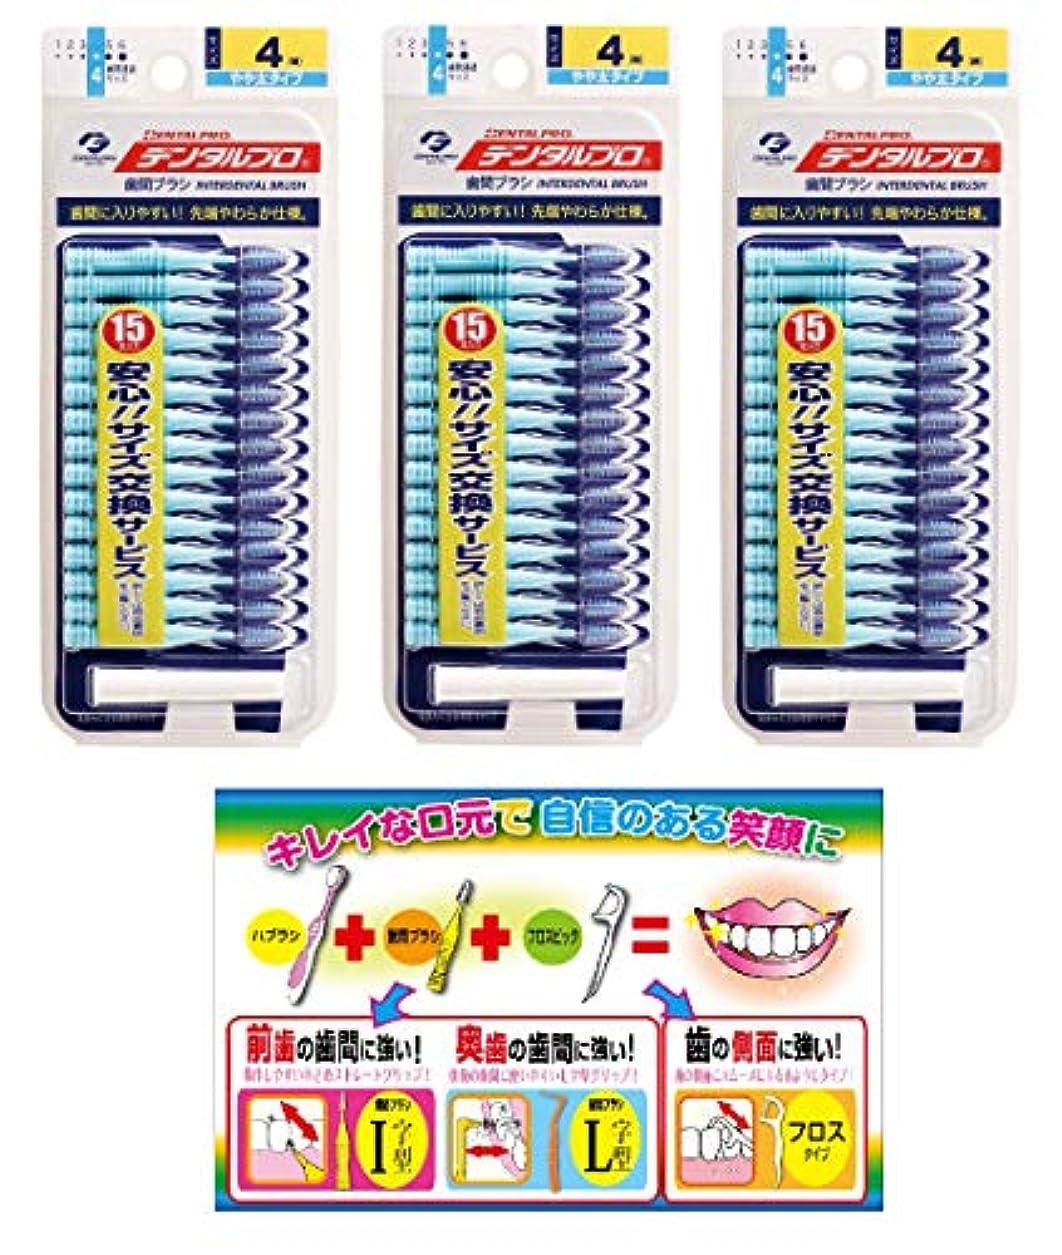 判読できないクレデンシャル鍔【Amazon.co.jp限定】DP歯間ブラシ15P サイズ4 3P+リーフレット